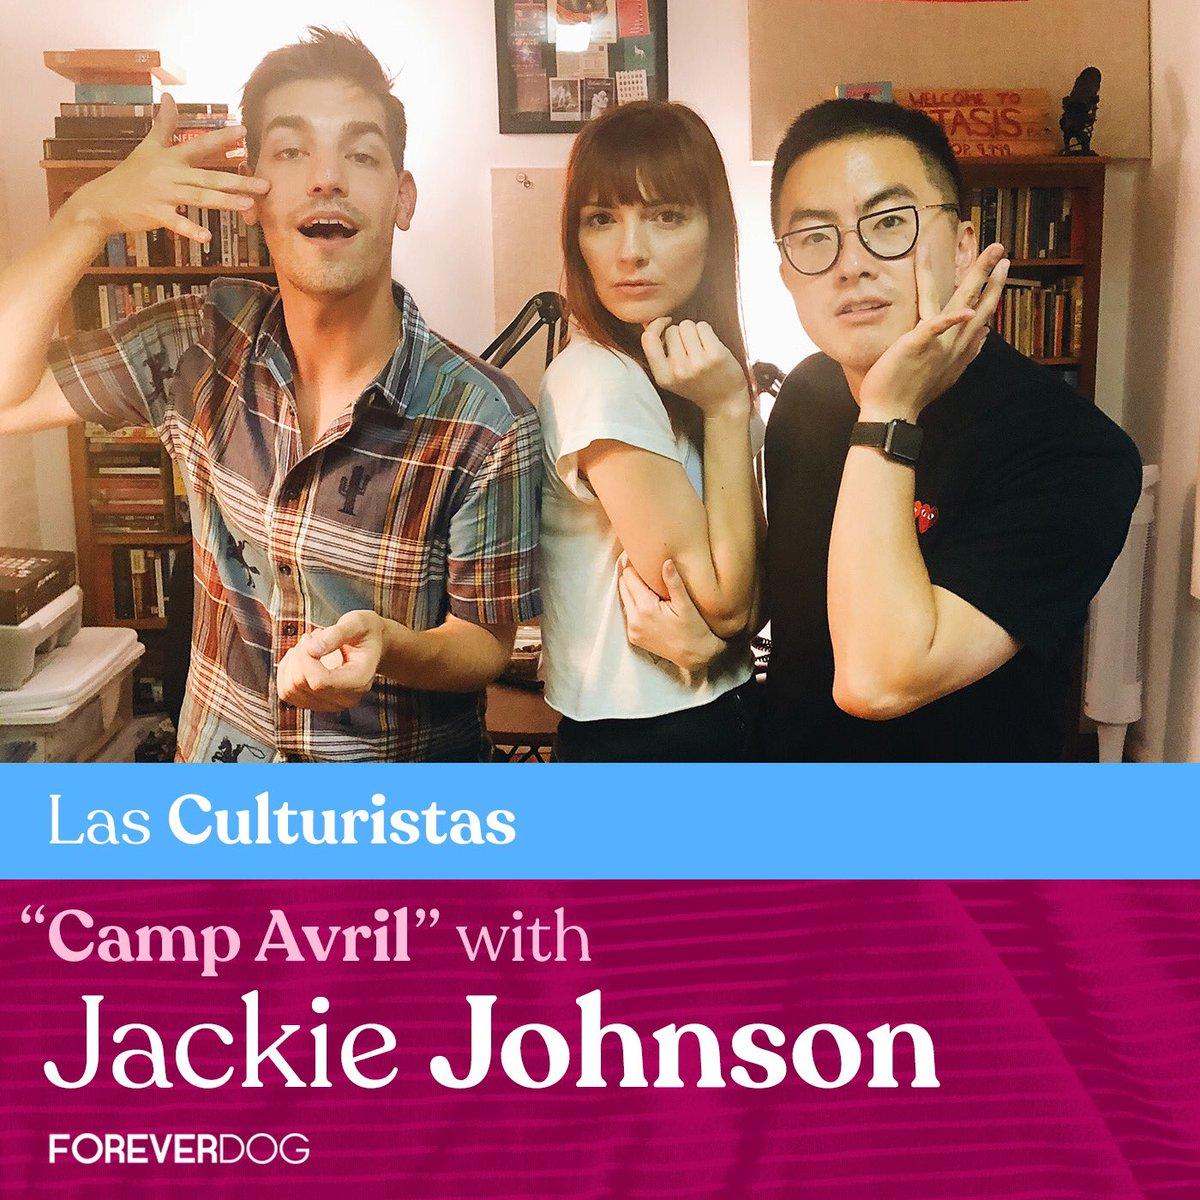 Las Culturistas - Click to hear Jackie on Las Culturistas.